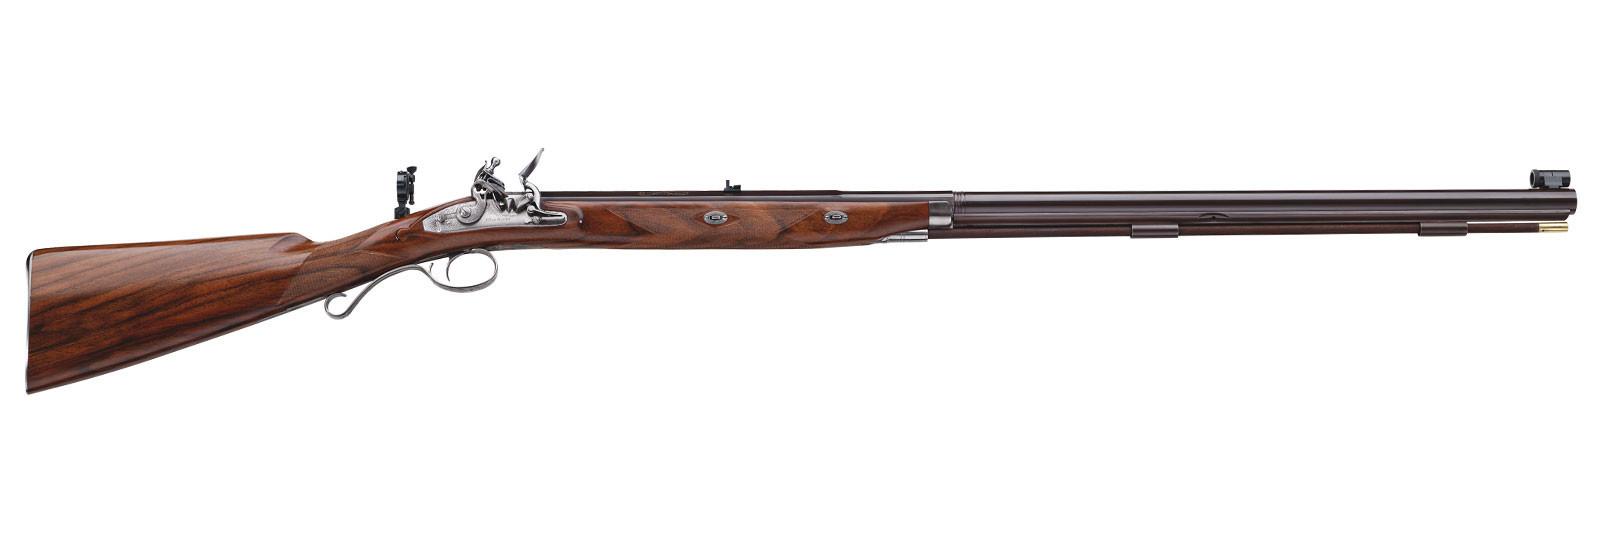 Mortimer Target DELUXE Rifle flintlock model